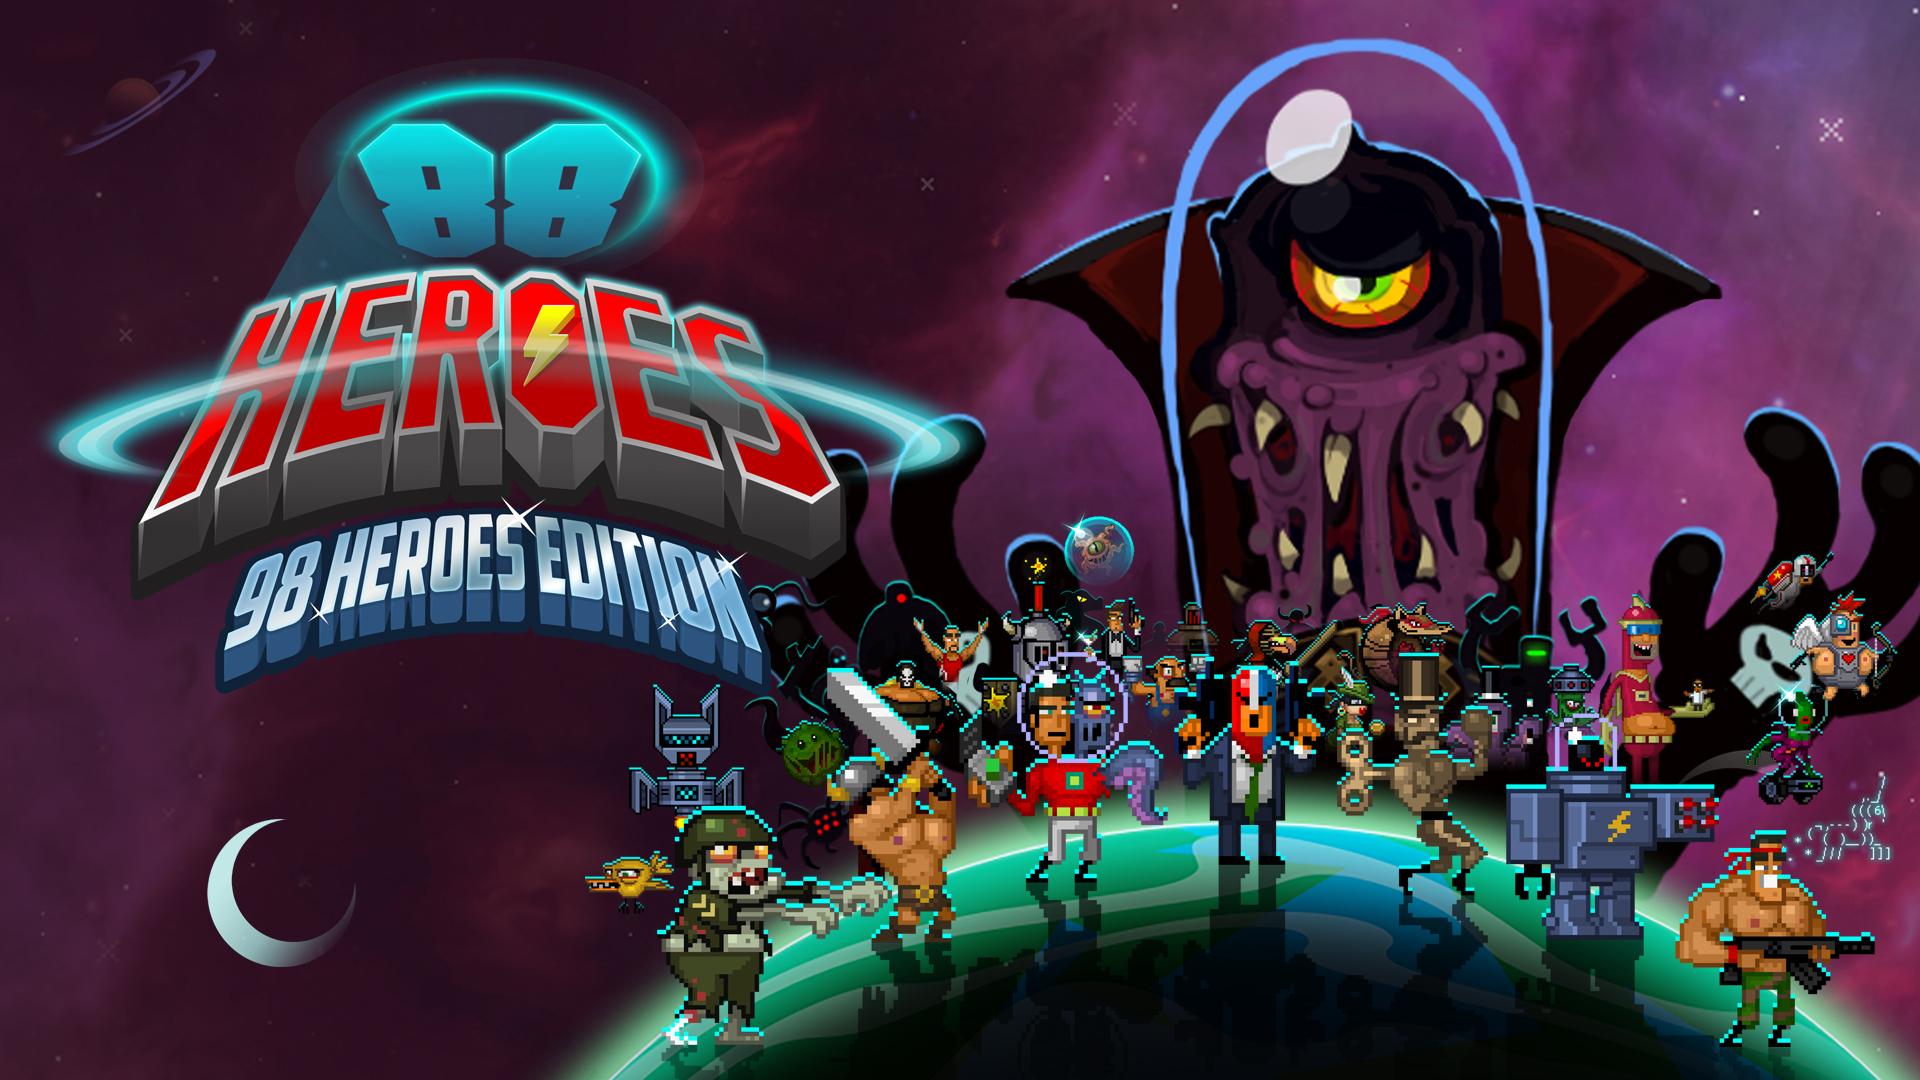 『88 Heroes 98 Heroes Edition』の日本語版が配信開始!